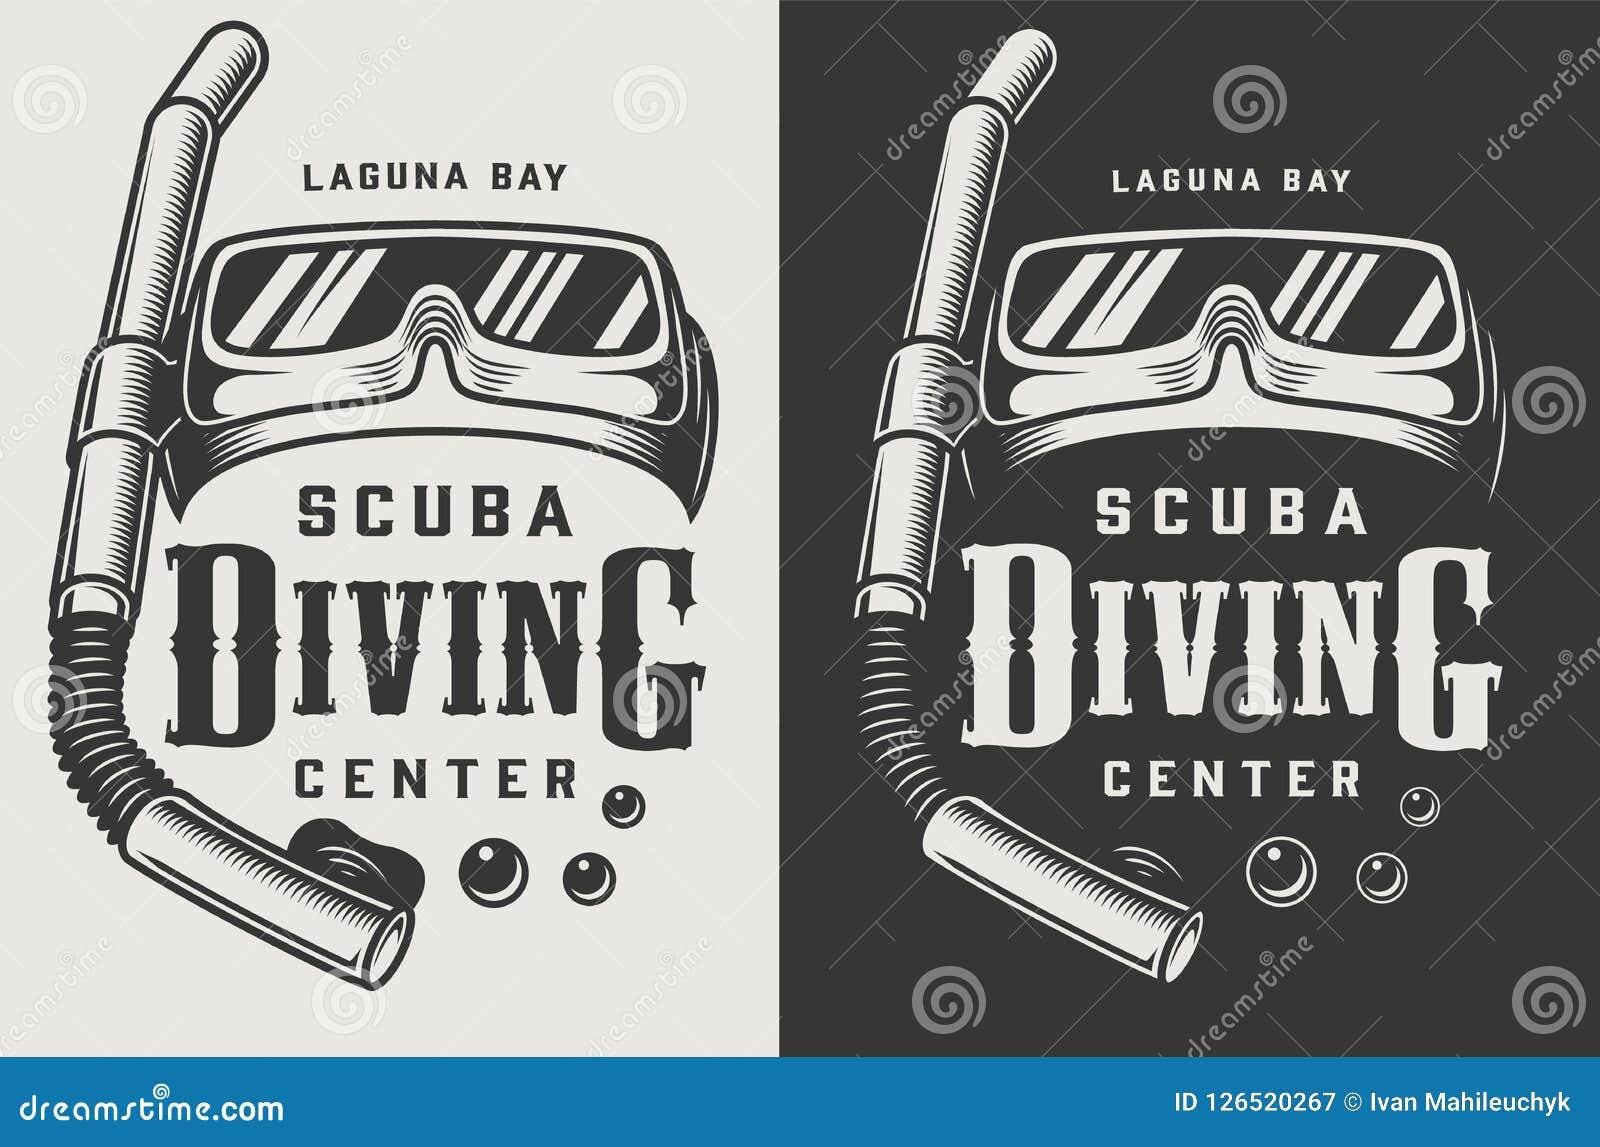 Uitstekende het duiken centrum zwart-wit logotypes